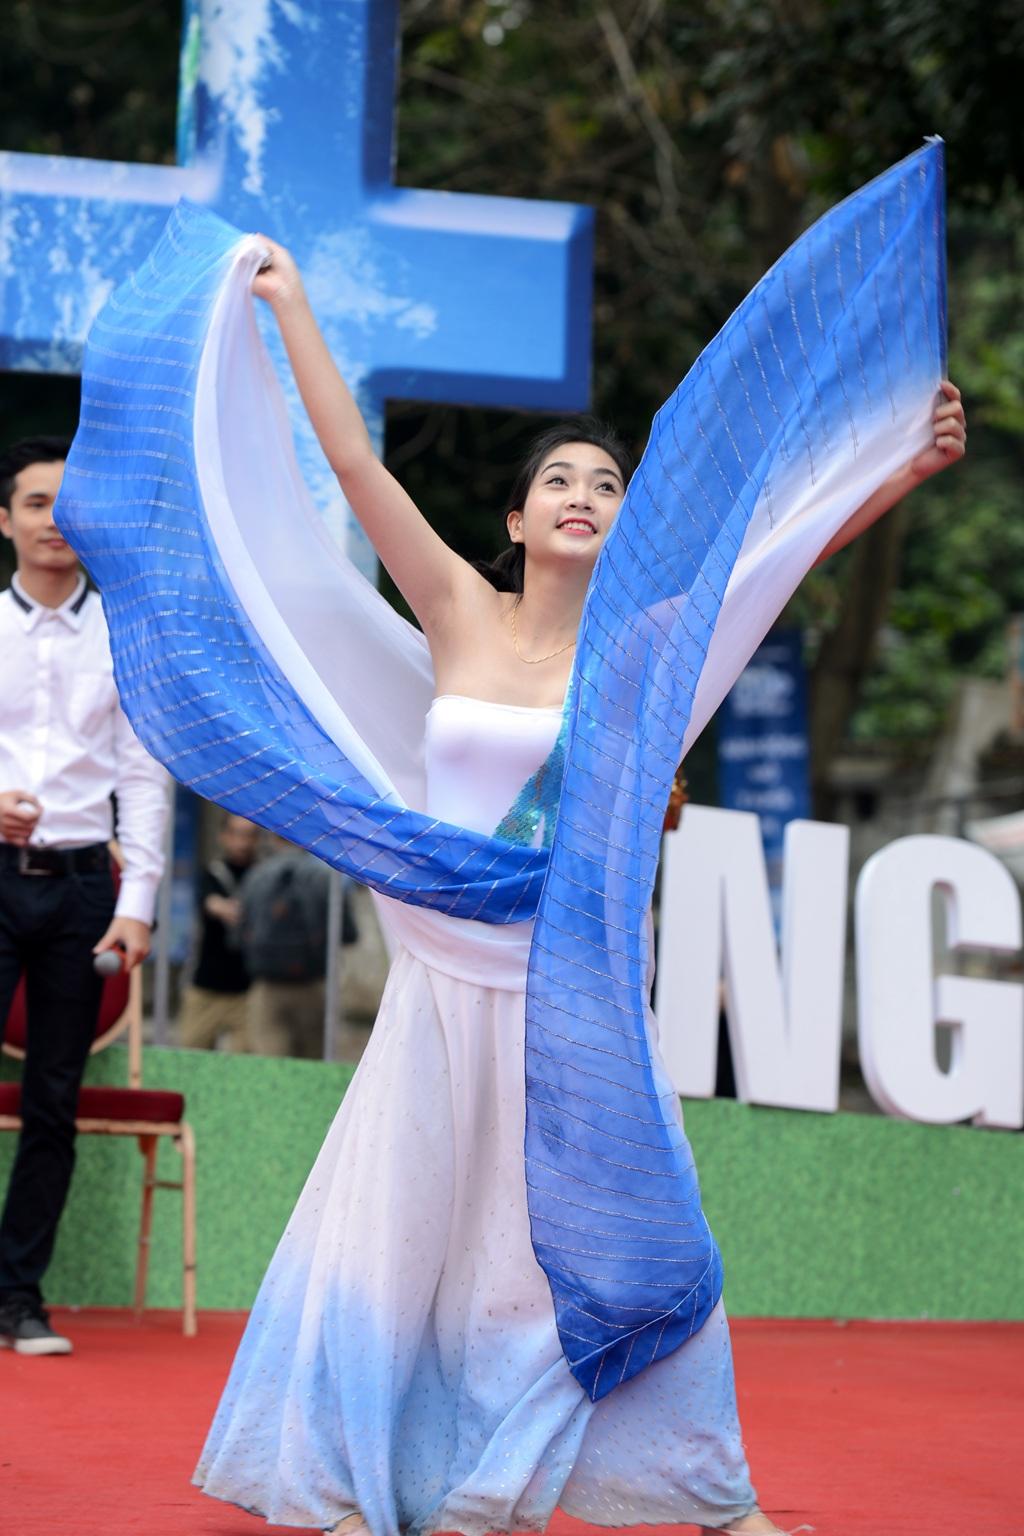 Màn múa đẹp mắt của vũ công nhận được sự cổ vũ nhiệt tình của khán giả.